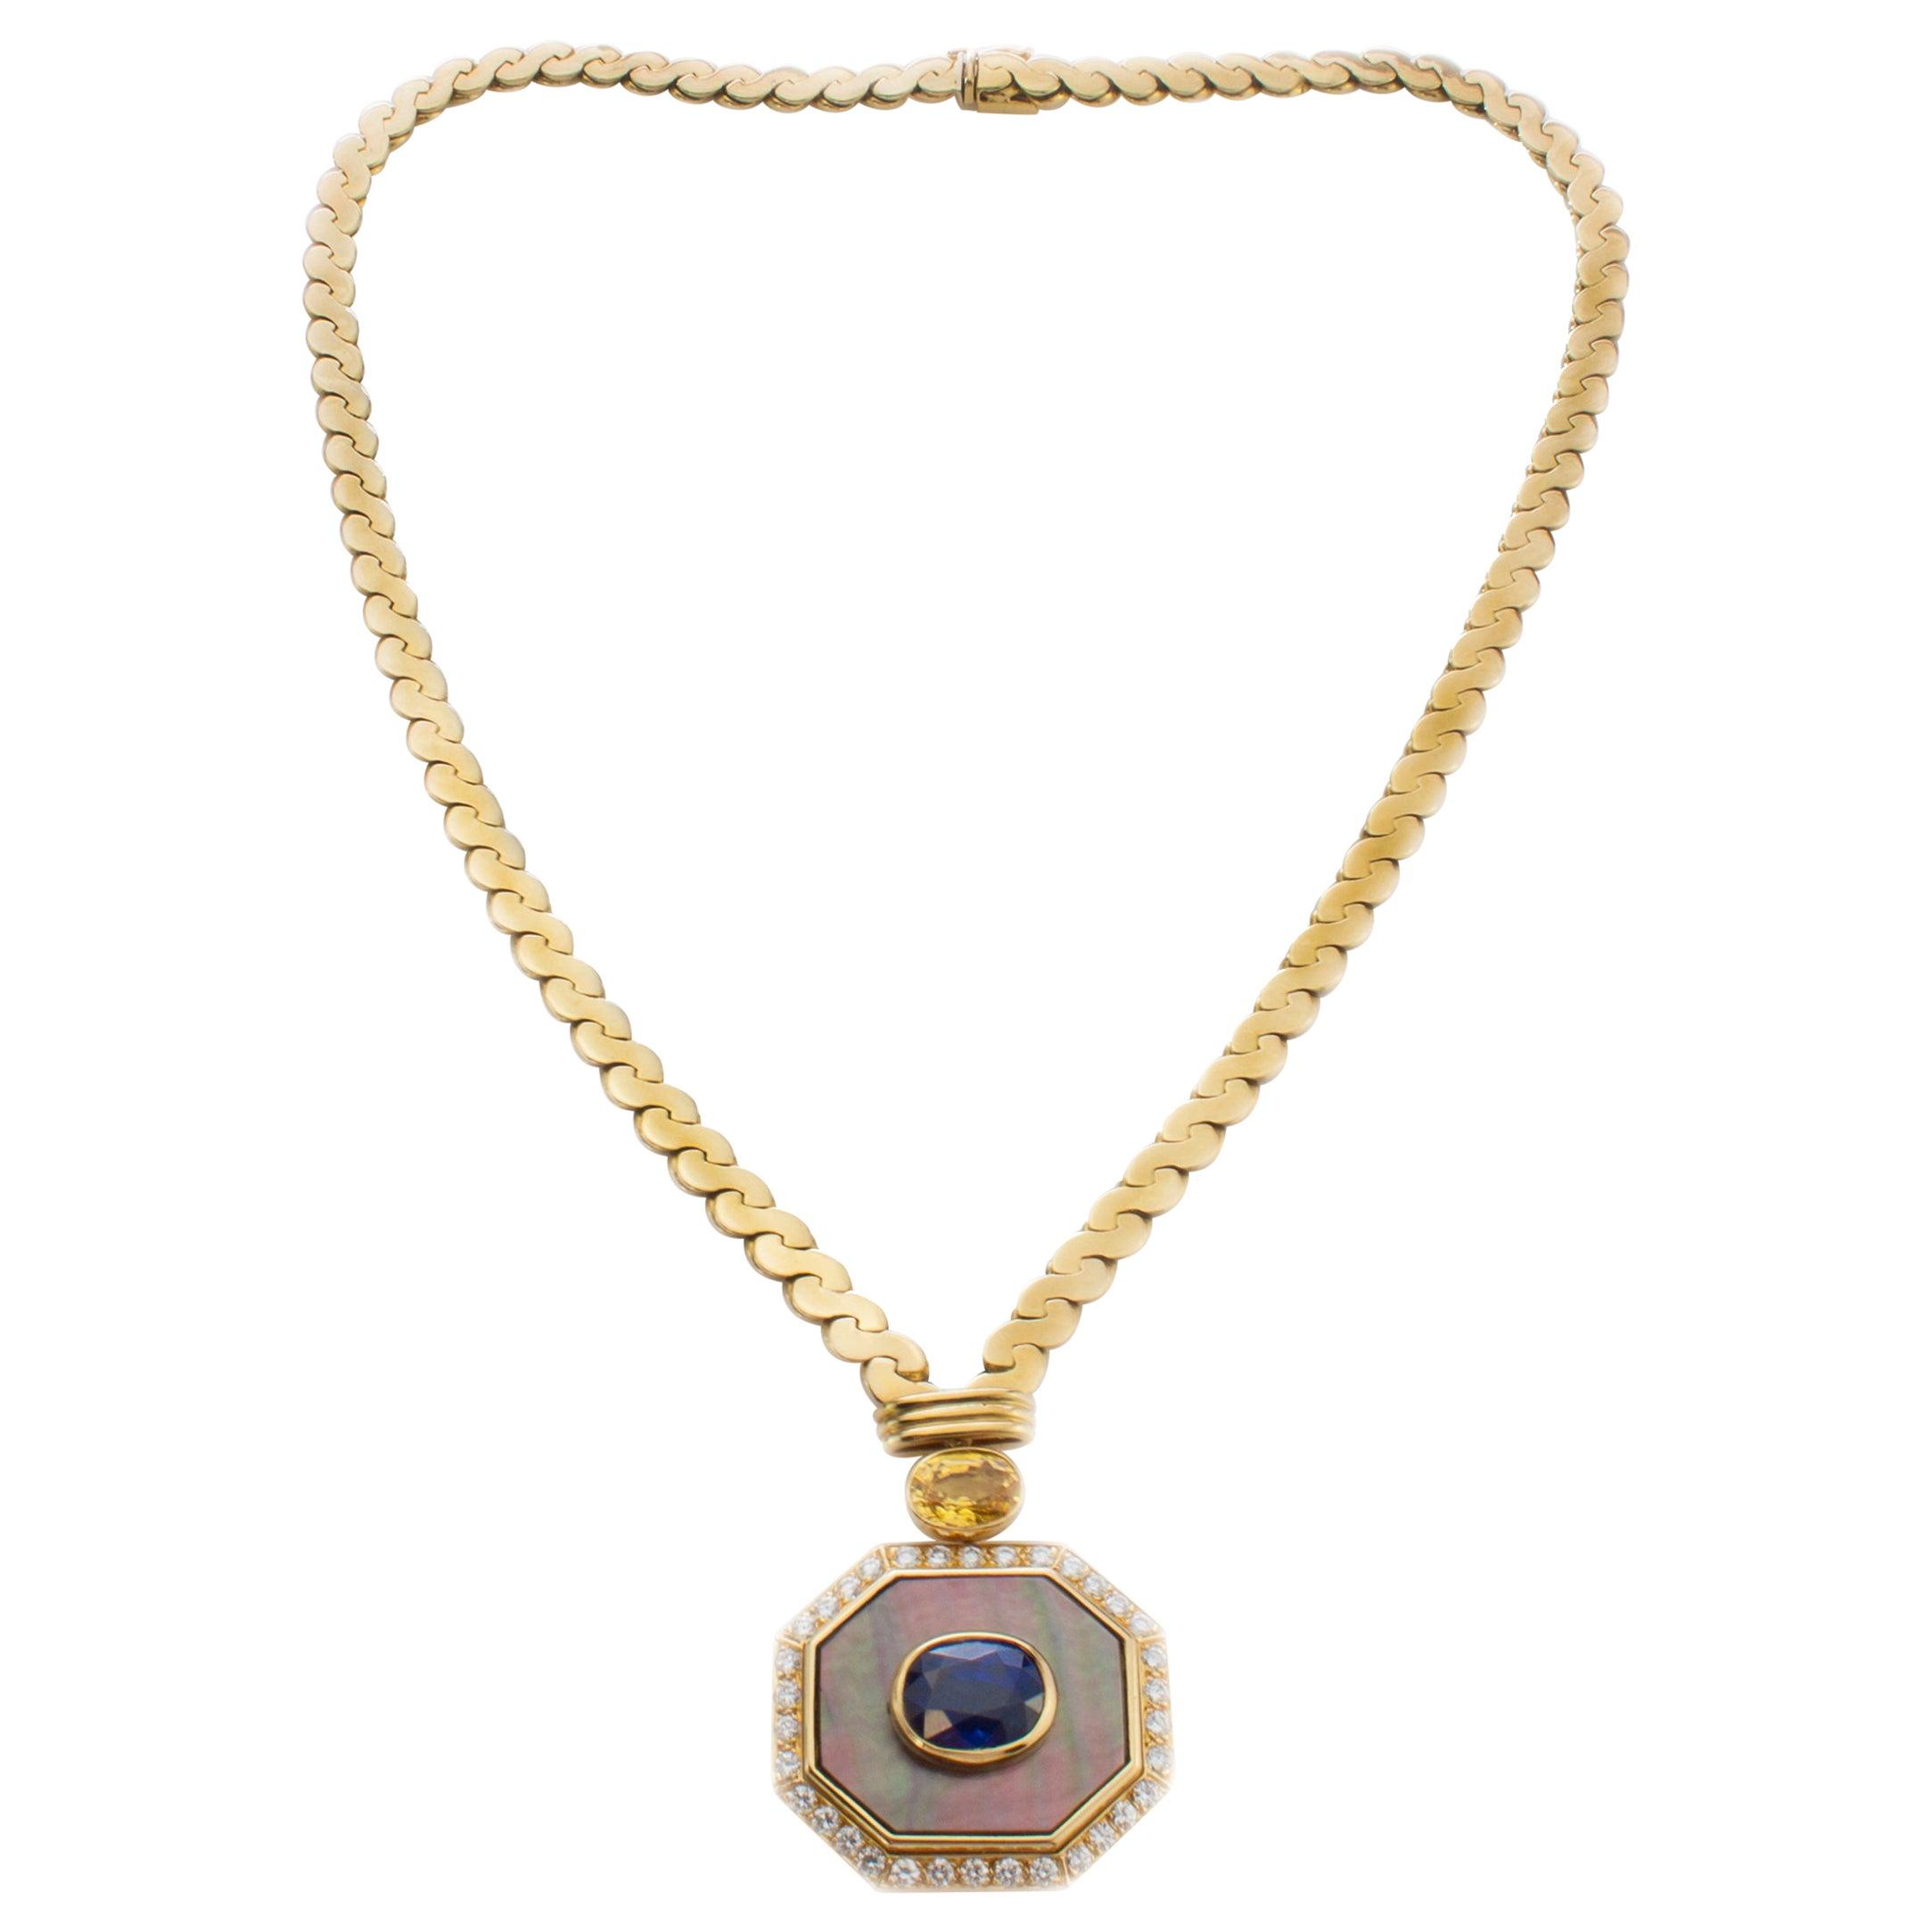 Van Cleef & Arpels 18 Karat Yellow Gold Ladies Necklace with Sapphires, Diamonds